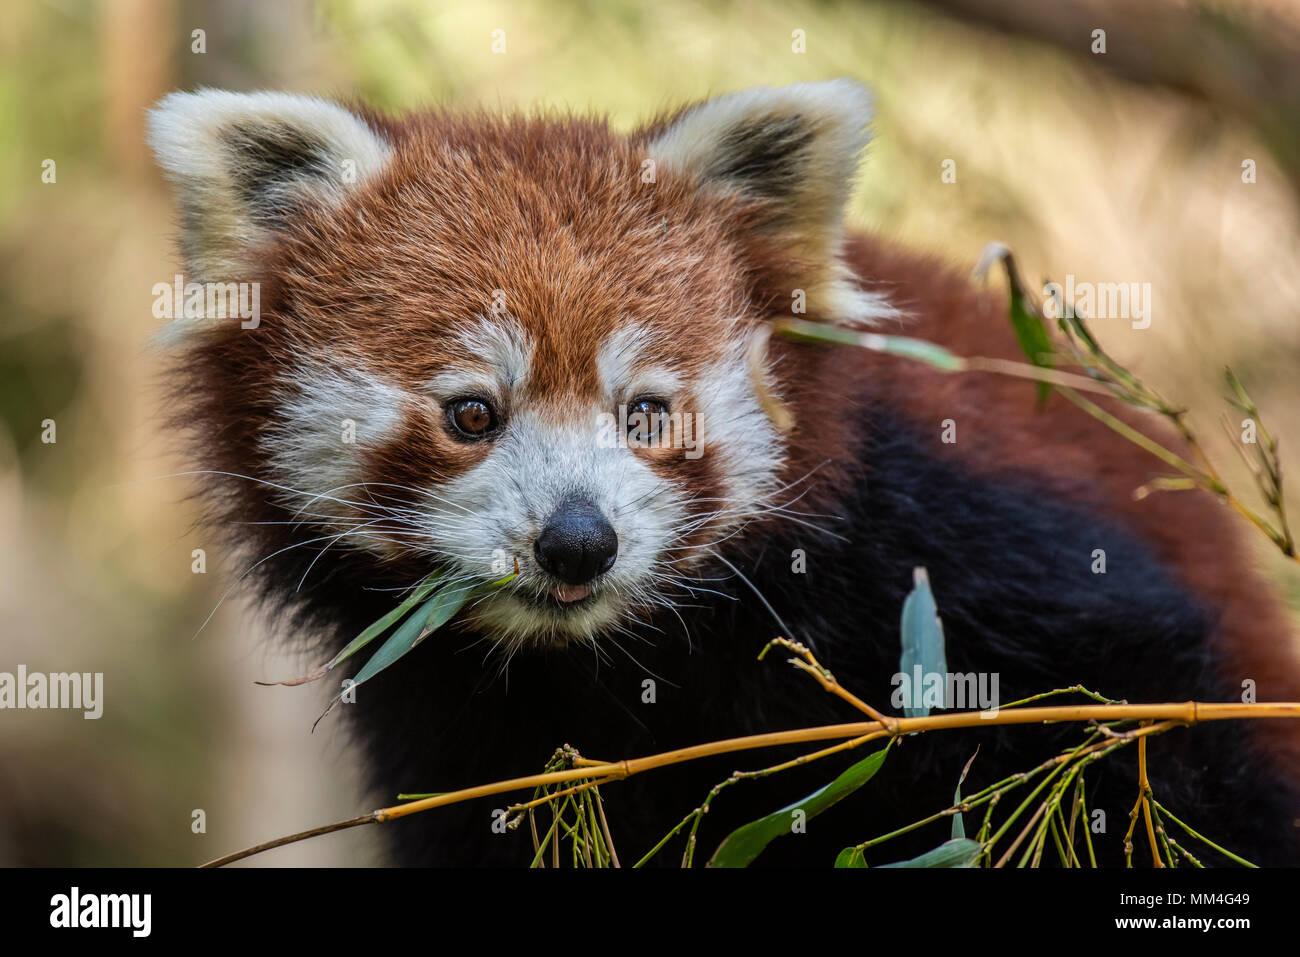 El panda rojo o también conocido como el rojo Cat-Bear. Es ligeramente más grande que un gato doméstico y se encuentra principalmente en la región oriental del Himalaya Imagen De Stock